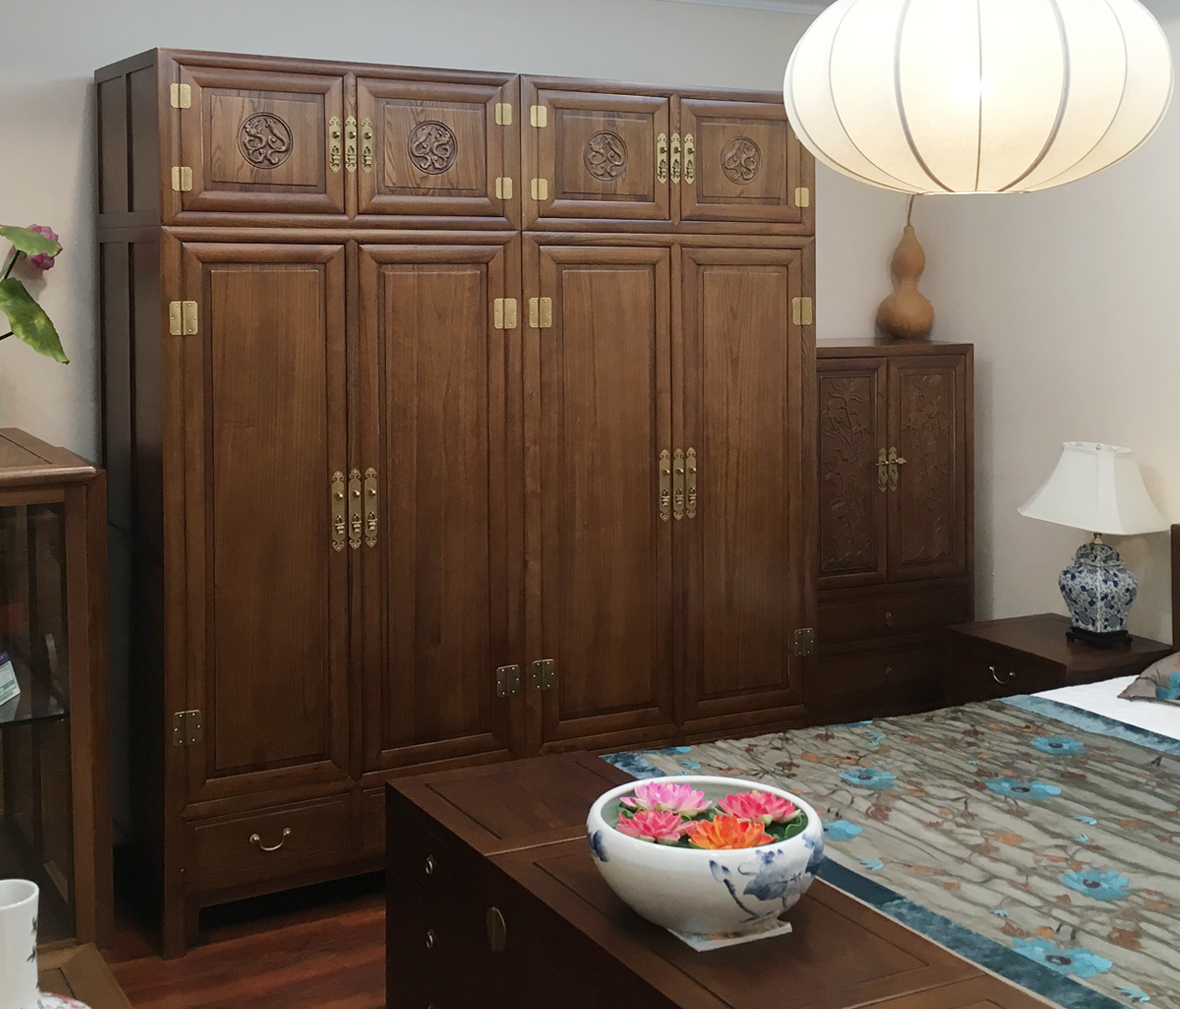 ygl-006型号 富贵平安顶箱大柜 榆木材质 中式古典  眼缘:1  天坛家具